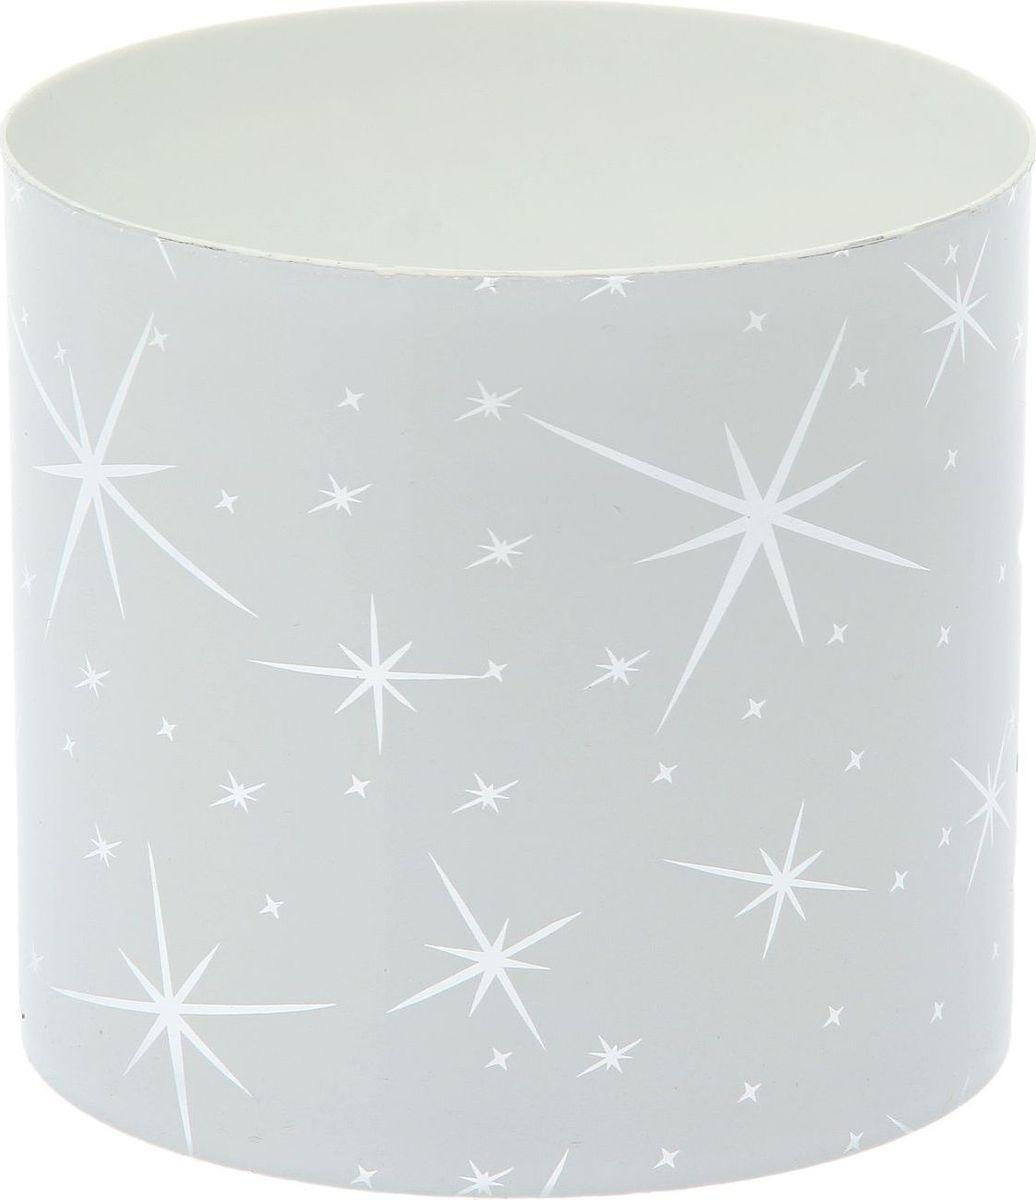 Горшок для цветов Simple Garden Звезды, со скрытым поддоном, цвет: белый металлик, 1,7 л1915390Любой, даже самый современный и продуманный интерьер будет незавершённым без растений. Они не только очищают воздух и насыщают его кислородом, но и украшают окружающее пространство. Такому полезному члену семьи просто необходим красивый и функциональный дом! Мы предлагаем #name#! Оптимальный выбор материала — пластмасса! Почему мы так считаем?Малый вес. С лёгкостью переносите горшки и кашпо с места на место, ставьте их на столики или полки, не беспокоясь о нагрузке. Простота ухода. Кашпо не нуждается в специальных условиях хранения. Его легко чистить — достаточно просто сполоснуть тёплой водой. Никаких потёртостей. Такие кашпо не царапают и не загрязняют поверхности, на которых стоят. Пластик дольше хранит влагу, а значит, растение реже нуждается в поливе. Пластмасса не пропускает воздух — корневой системе растения не грозят резкие перепады температур. Огромный выбор форм, декора и расцветок — вы без труда найдёте что-то, что идеально впишется в уже существующий интерьер. Соблюдая нехитрые правила ухода, вы можете заметно продлить срок службы горшков и кашпо из пластика:всегда учитывайте размер кроны и корневой системы (при разрастании большое растение способно повредить маленький горшок)берегите изделие от воздействия прямых солнечных лучей, чтобы горшки не выцветалидержите кашпо из пластика подальше от нагревающихся поверхностей. Создавайте прекрасные цветочные композиции, выращивайте рассаду или необычные растения.